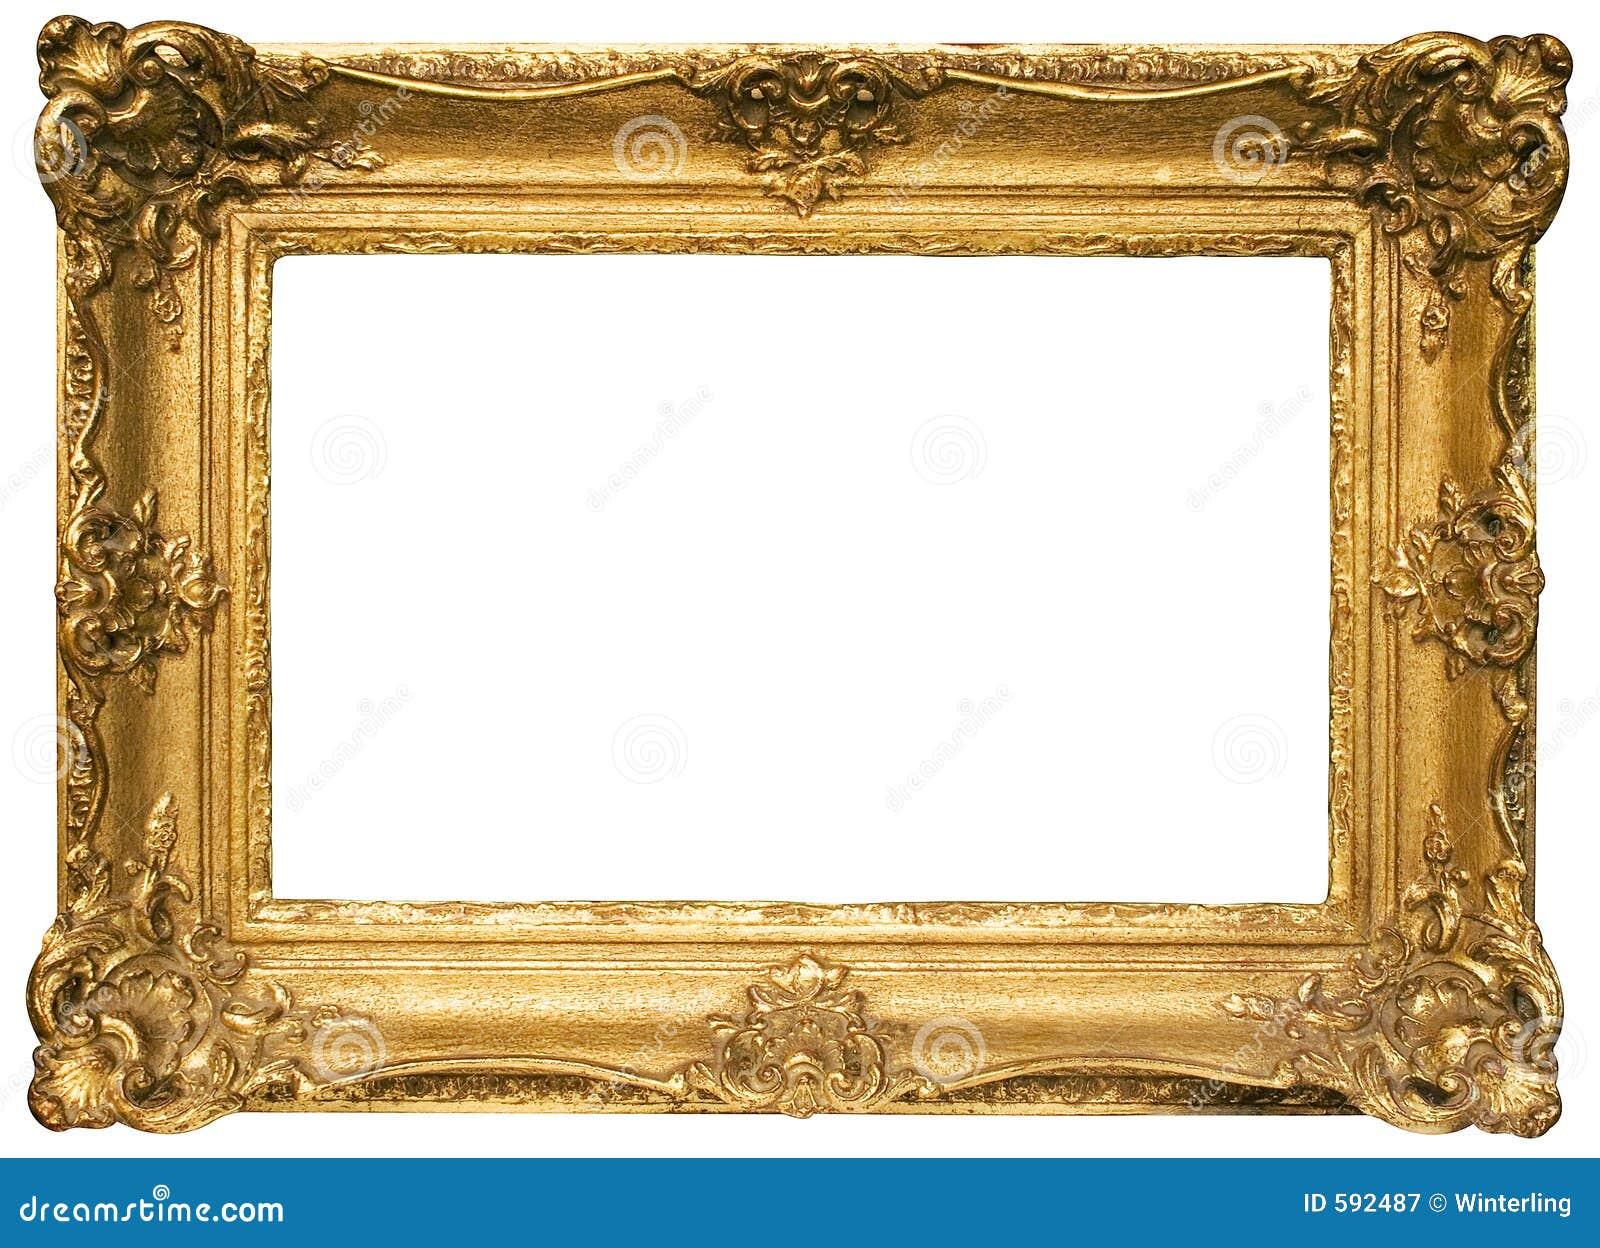 Marco de madera plateado oro con el camino fotograf a de - Marcos de cuadros para fotos ...